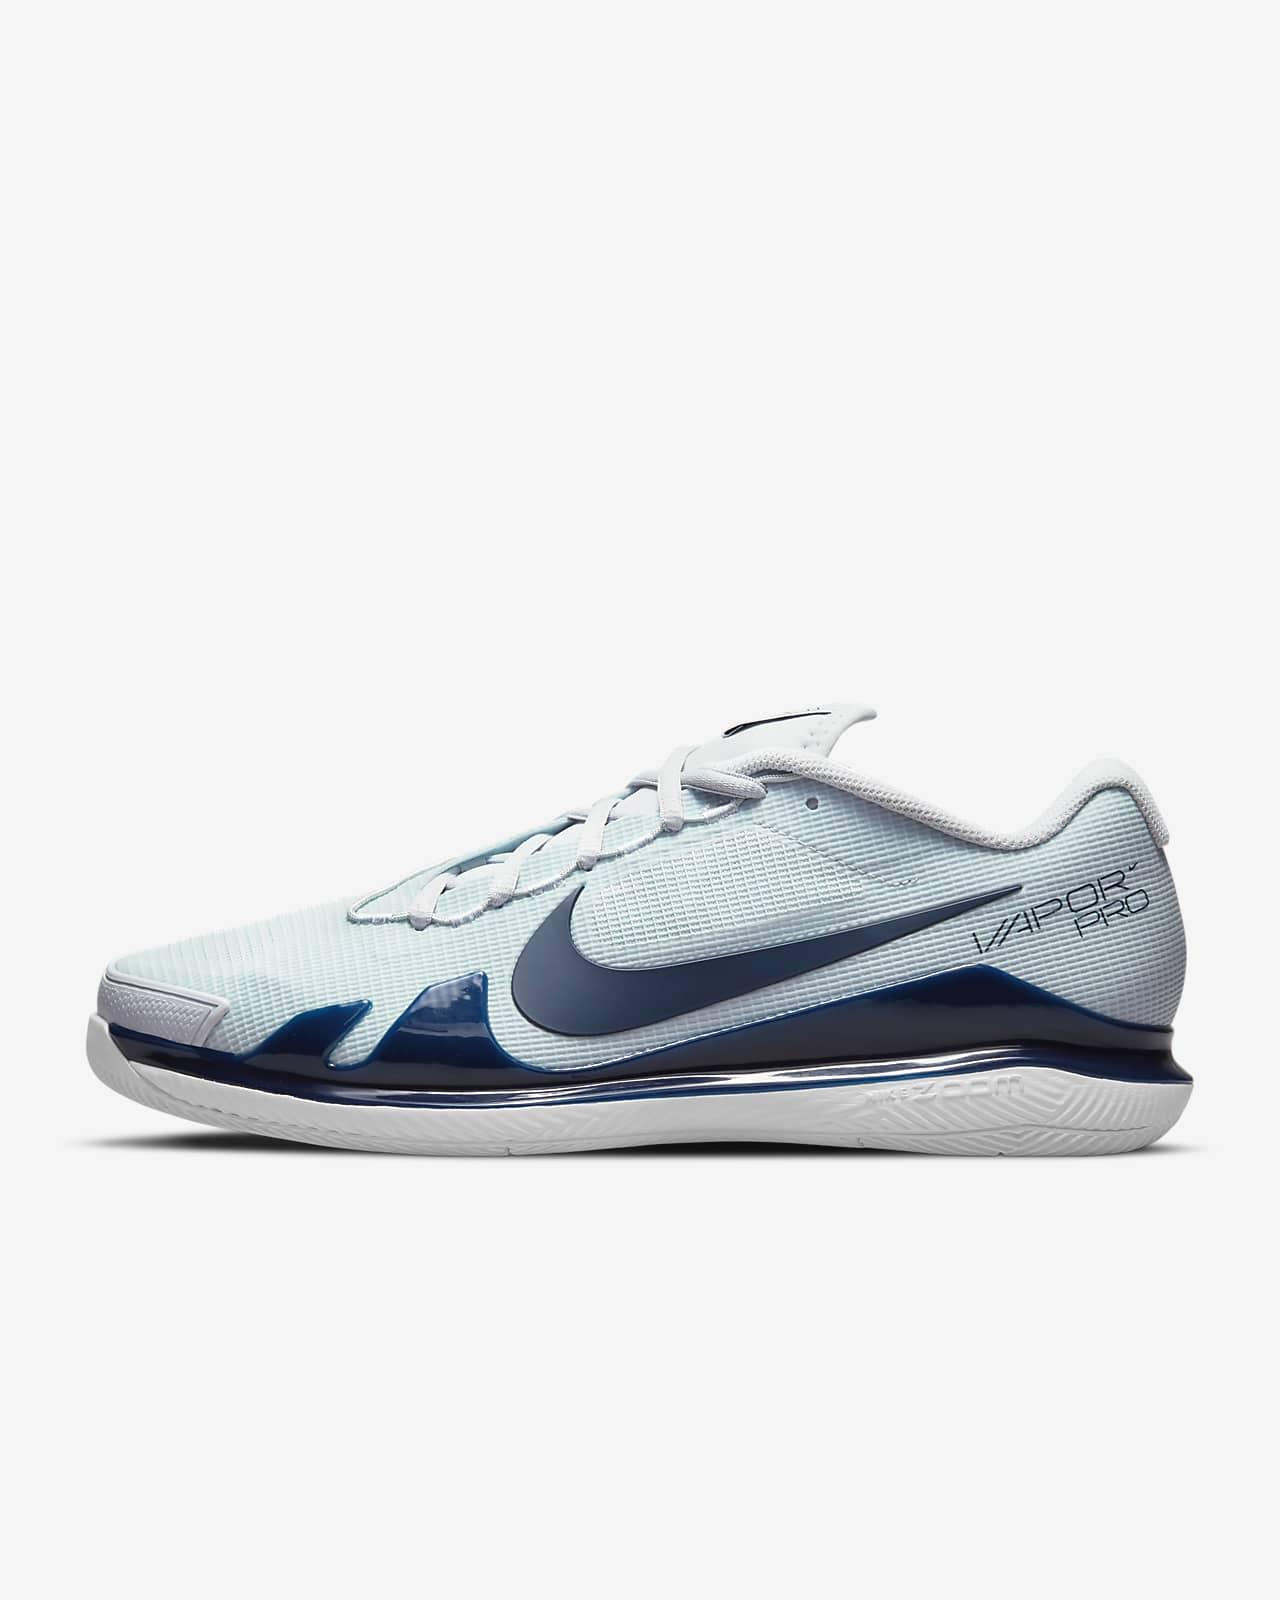 NikeCourt Air Zoom Vapor Pro Men's Hard Court Tennis Shoes